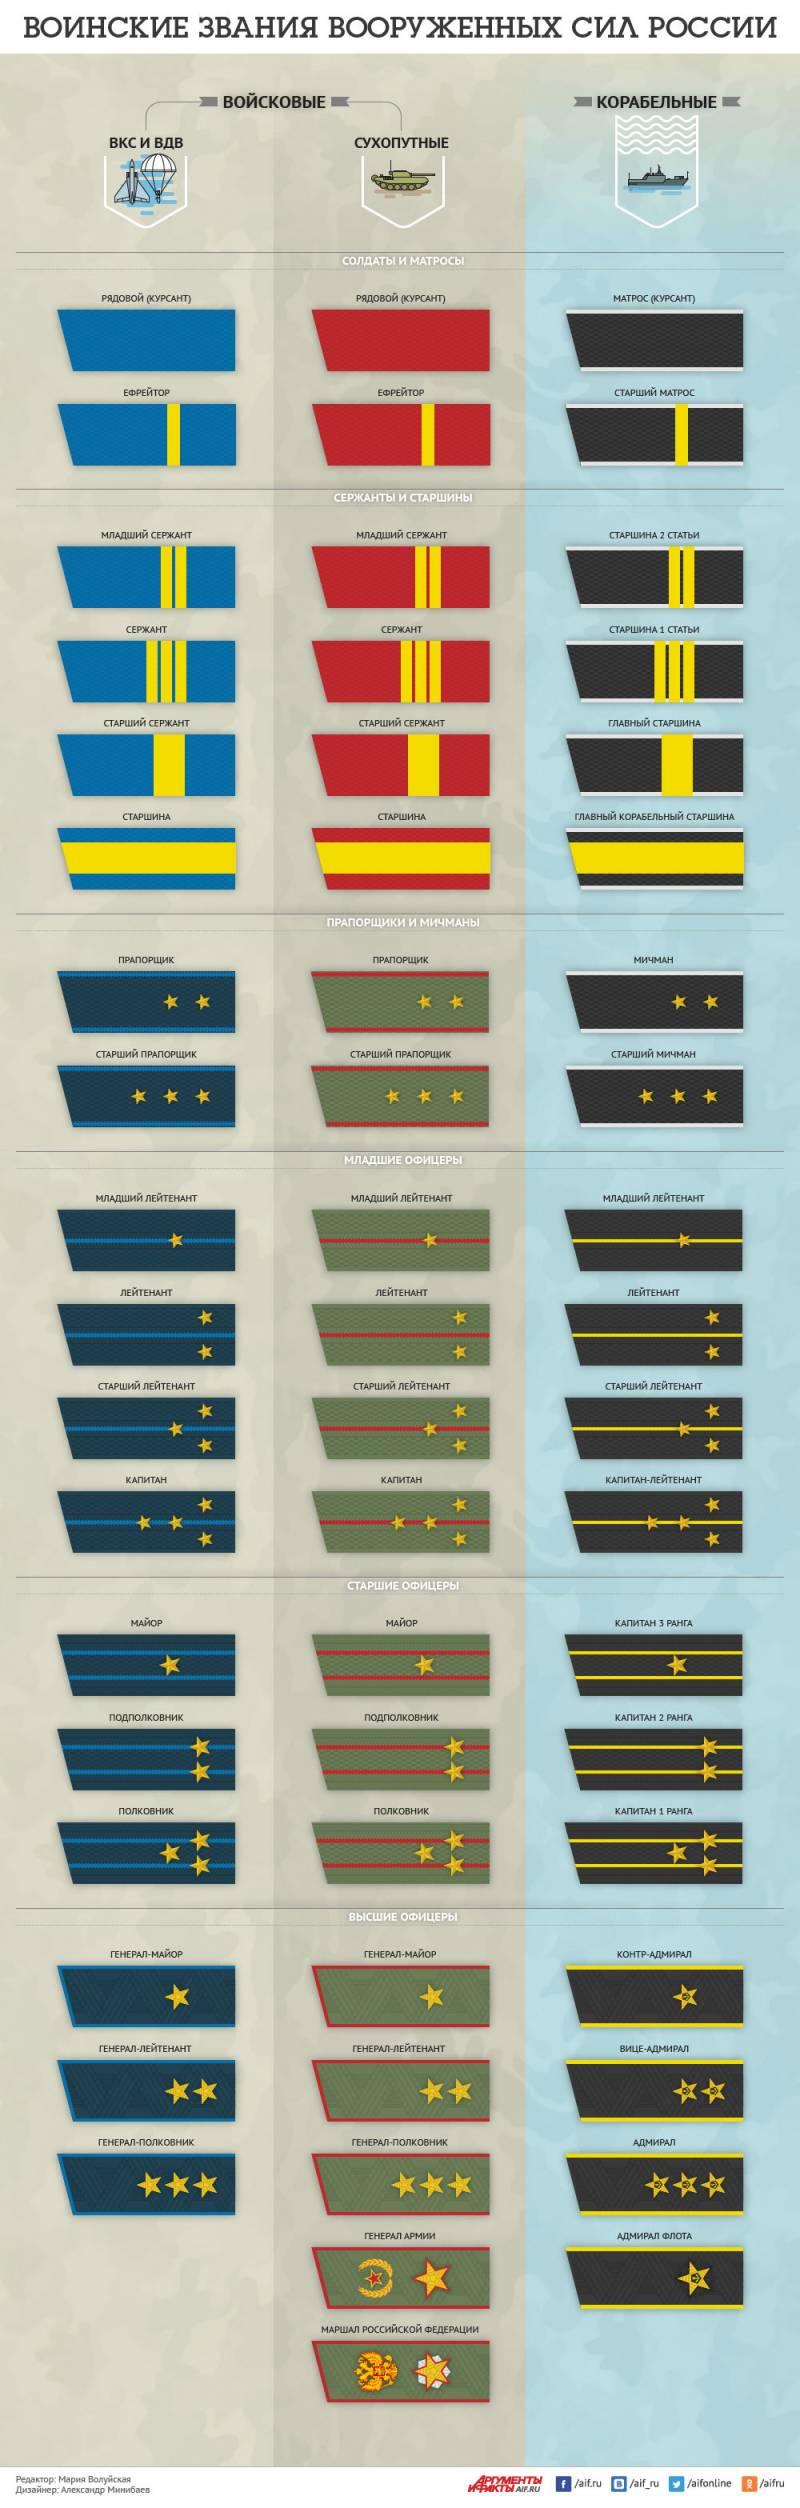 voennye-pogony-i-zvaniya-rossijskoj-armii-infografika